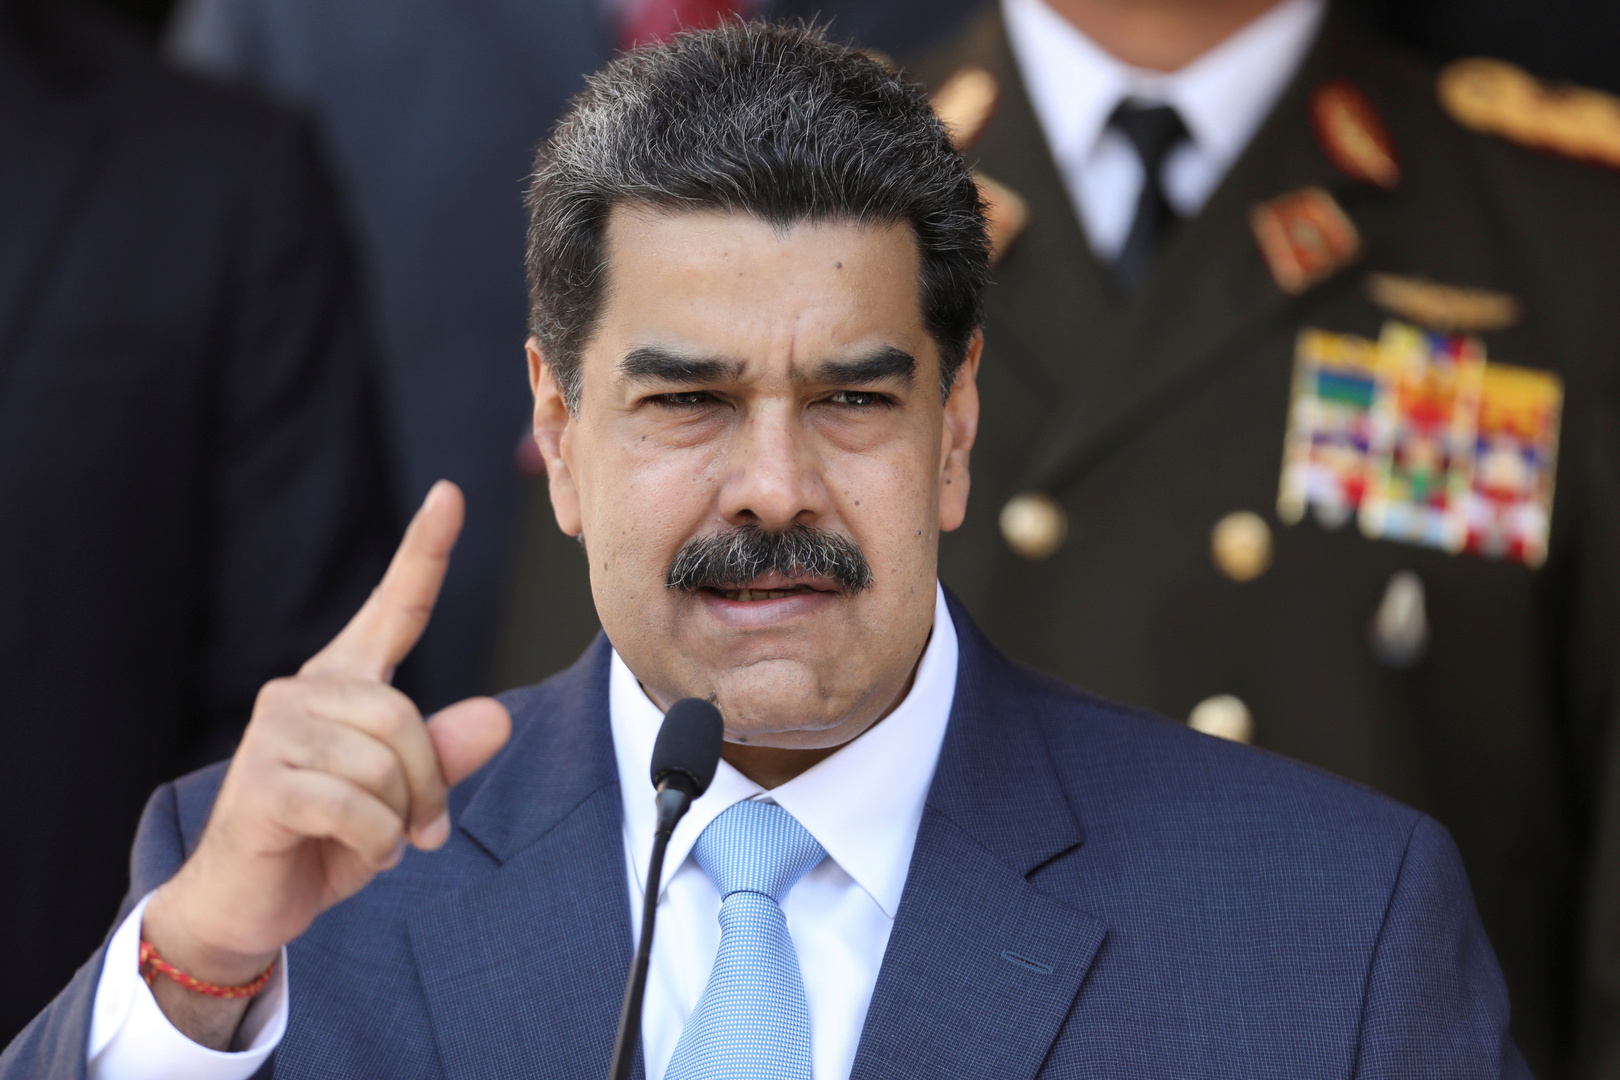 الرئيس الفنزويلي يعلن عن زيارة قريبة لإيران لتوقيع اتفاقيات تعاون